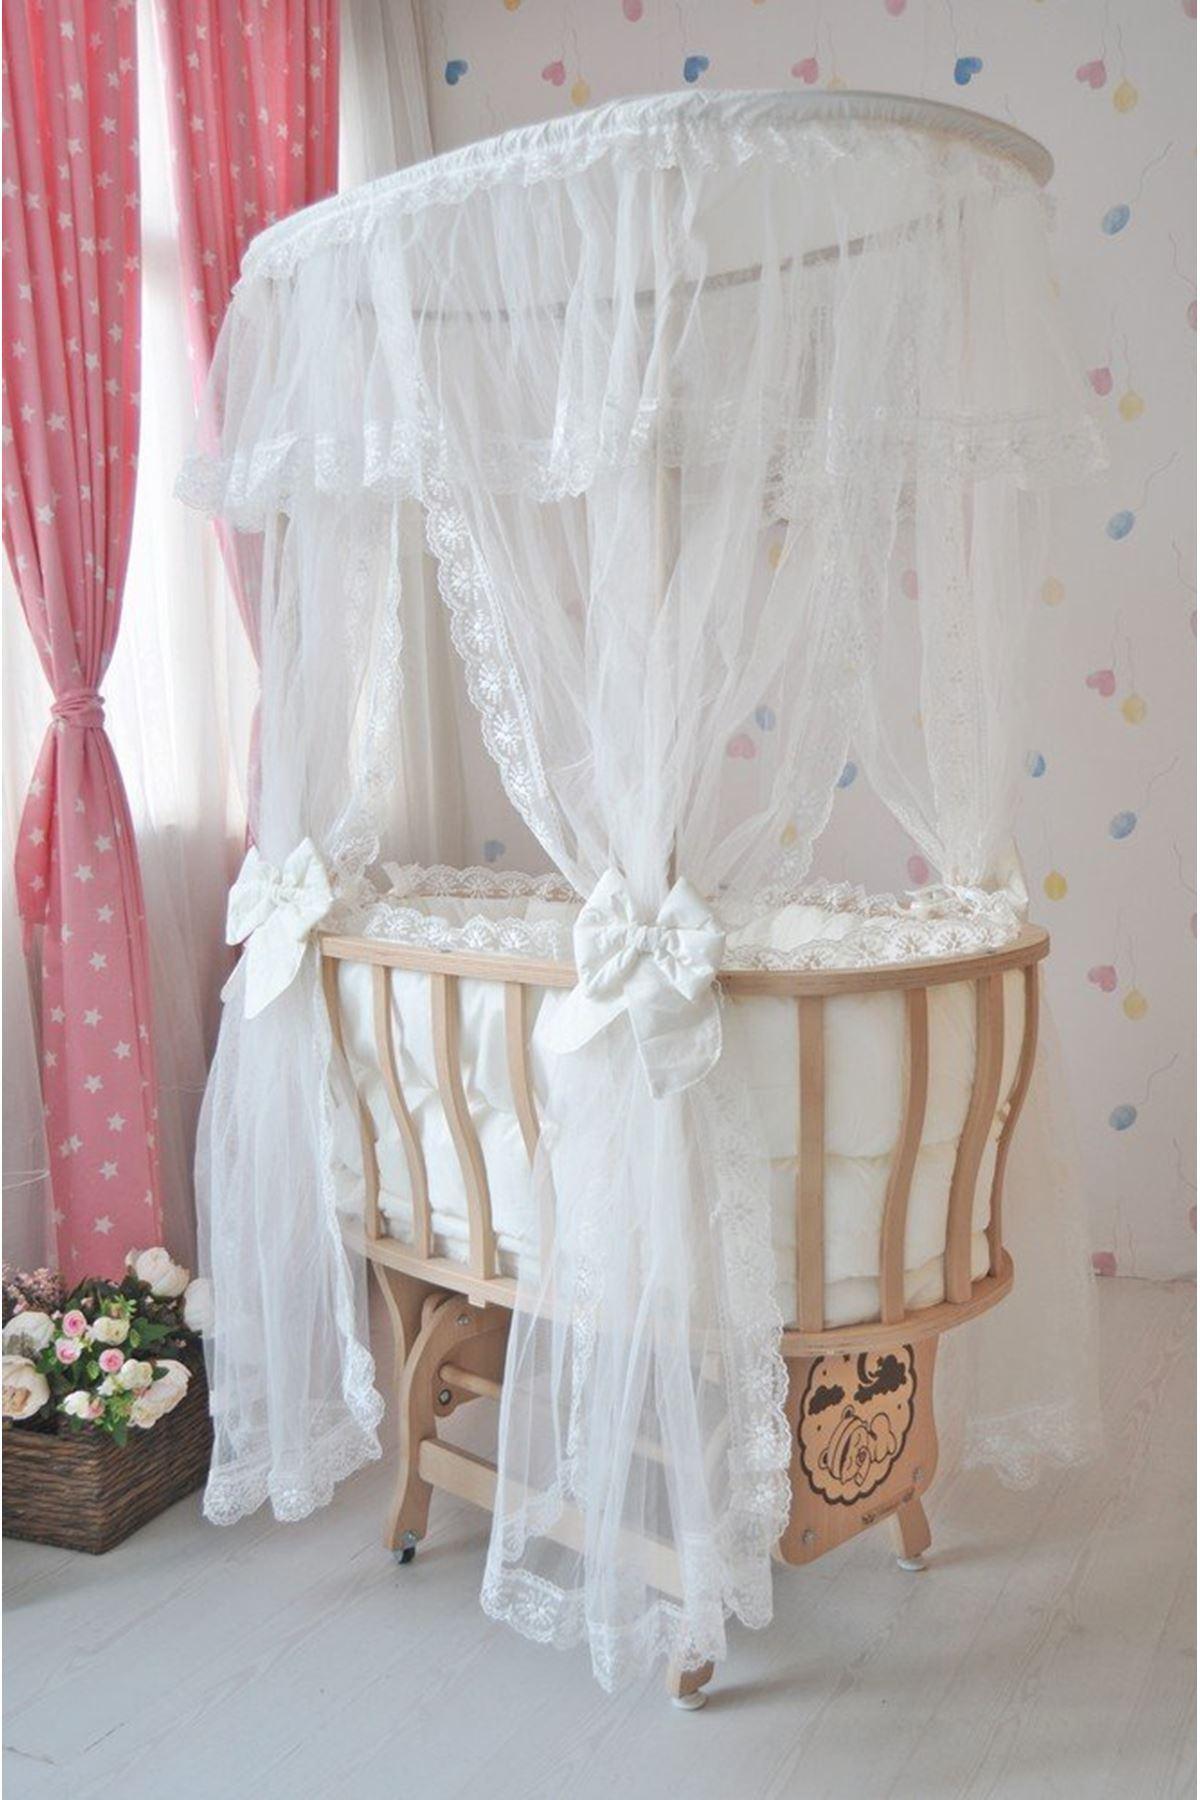 Krem Fransız Dantel Uyku Setli Doğal Ahşap Çatılı Sepet Beşik